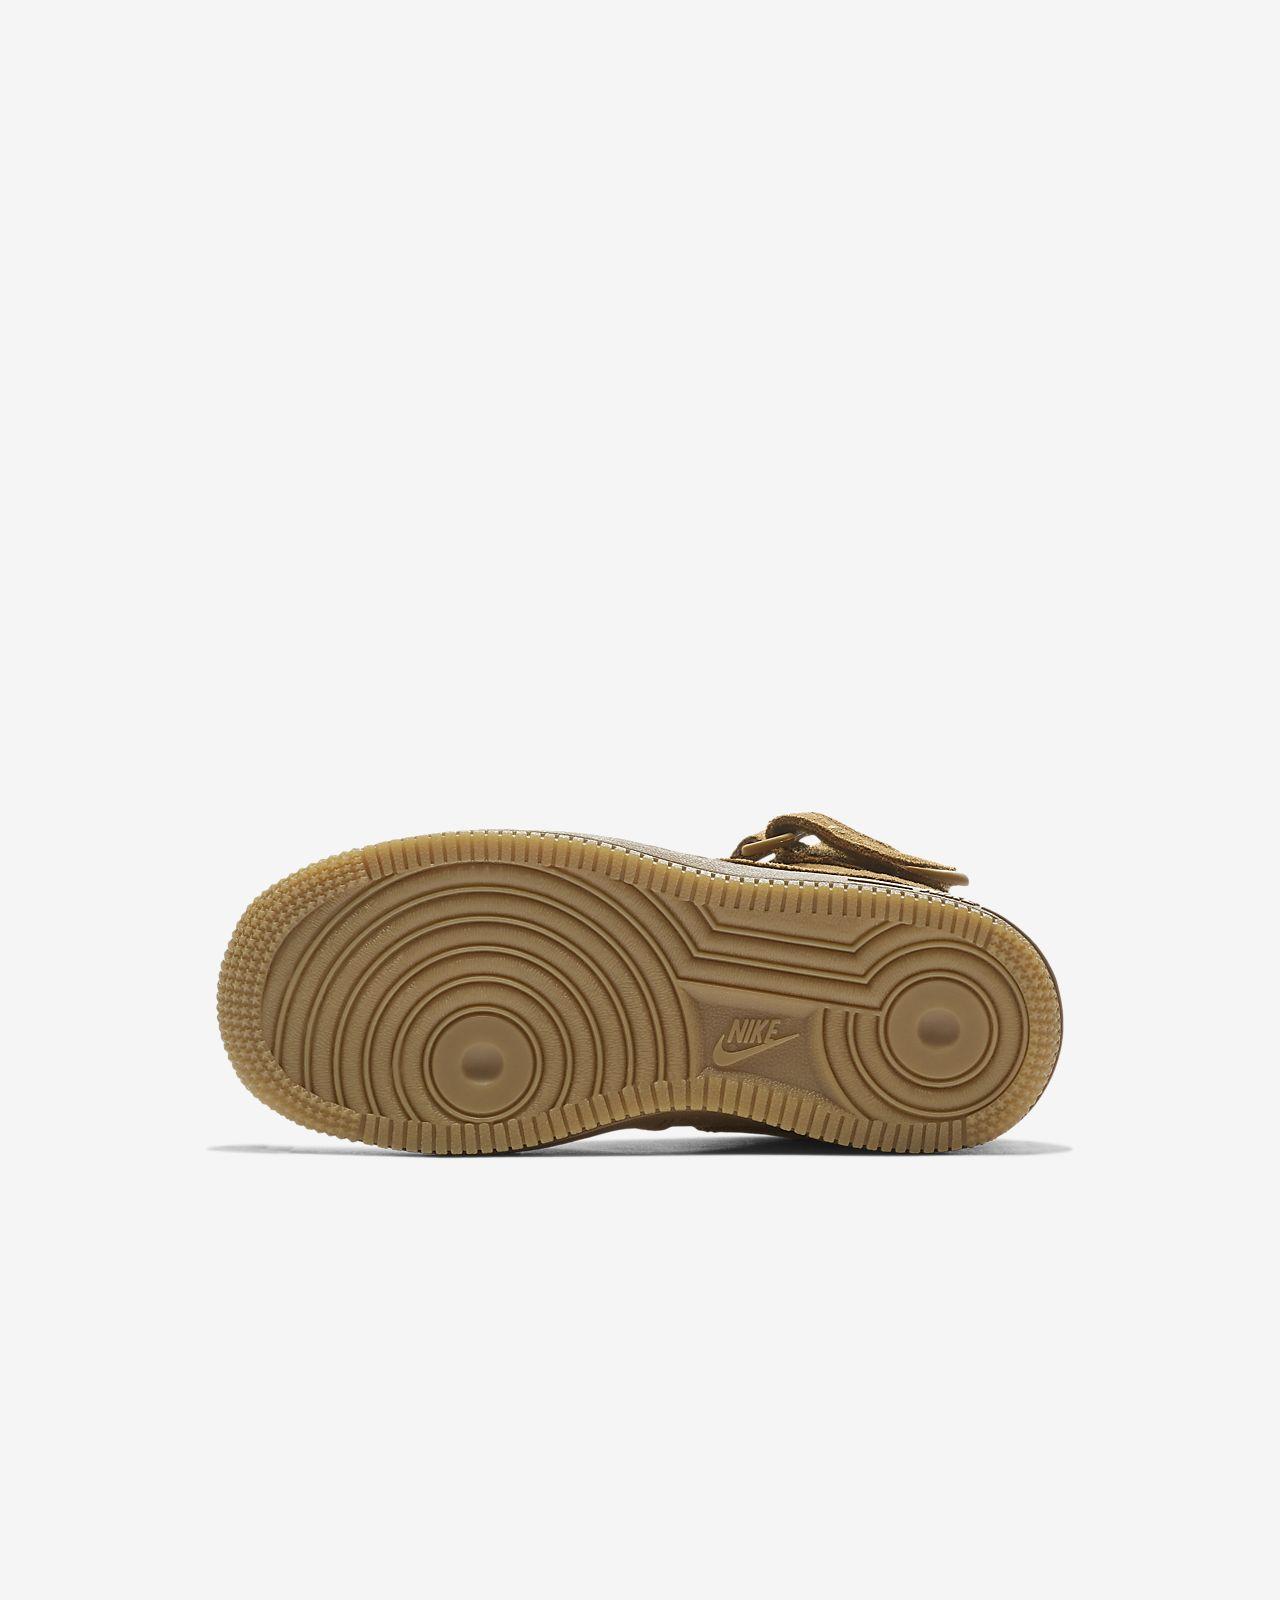 b478d74dd Calzado para niños talla pequeña Nike Air Force 1 Mid LV8. Nike.com MX